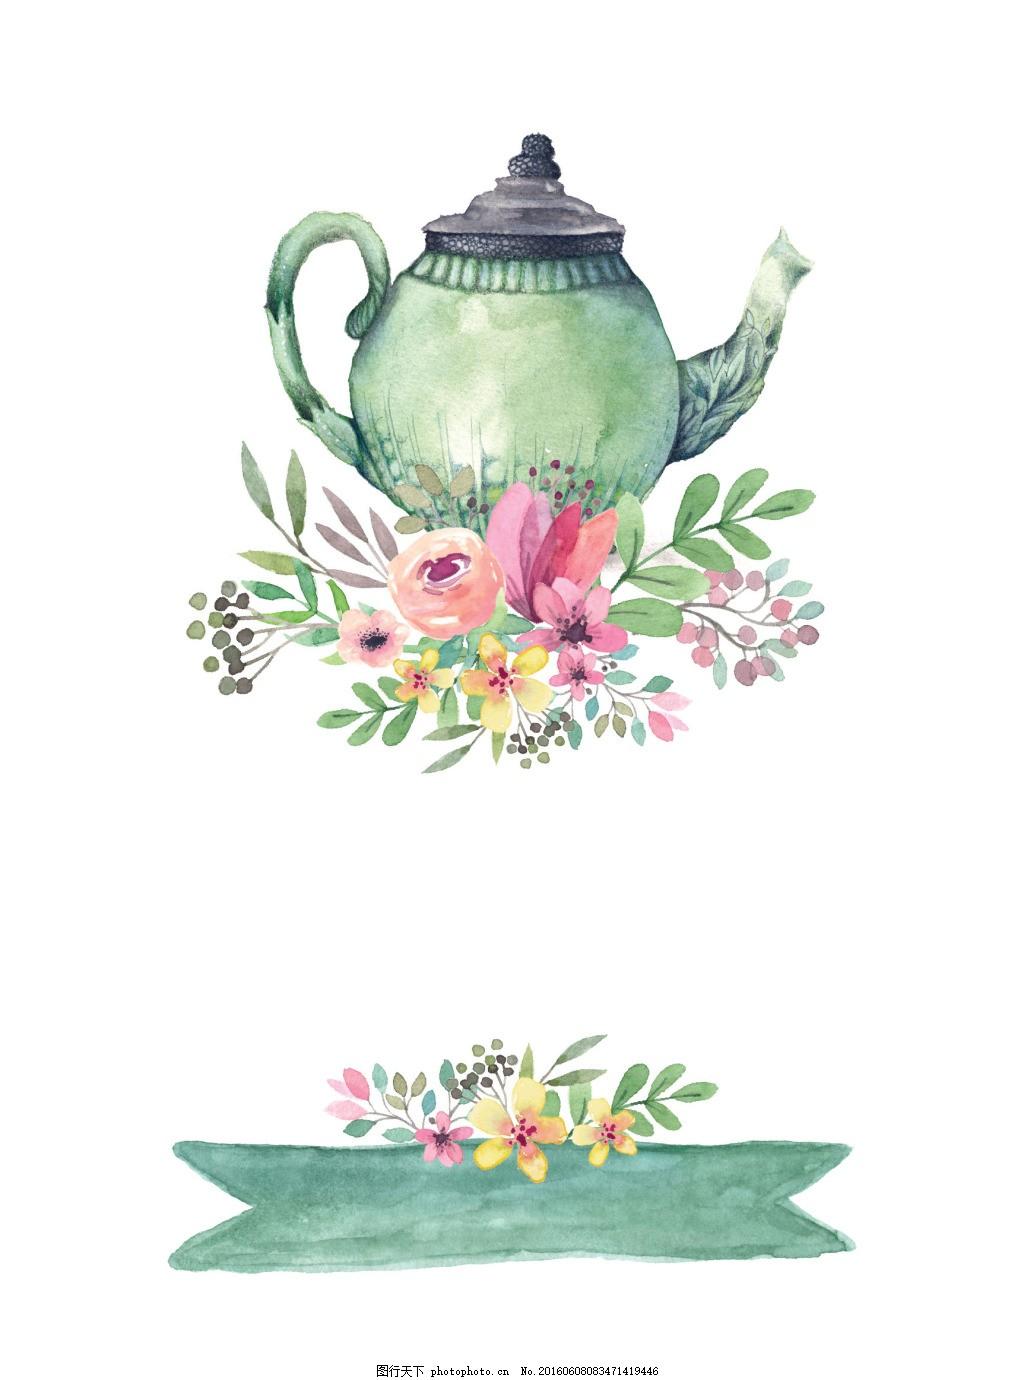 手绘水彩森系茶壶花朵免抠背景印刷画册装饰